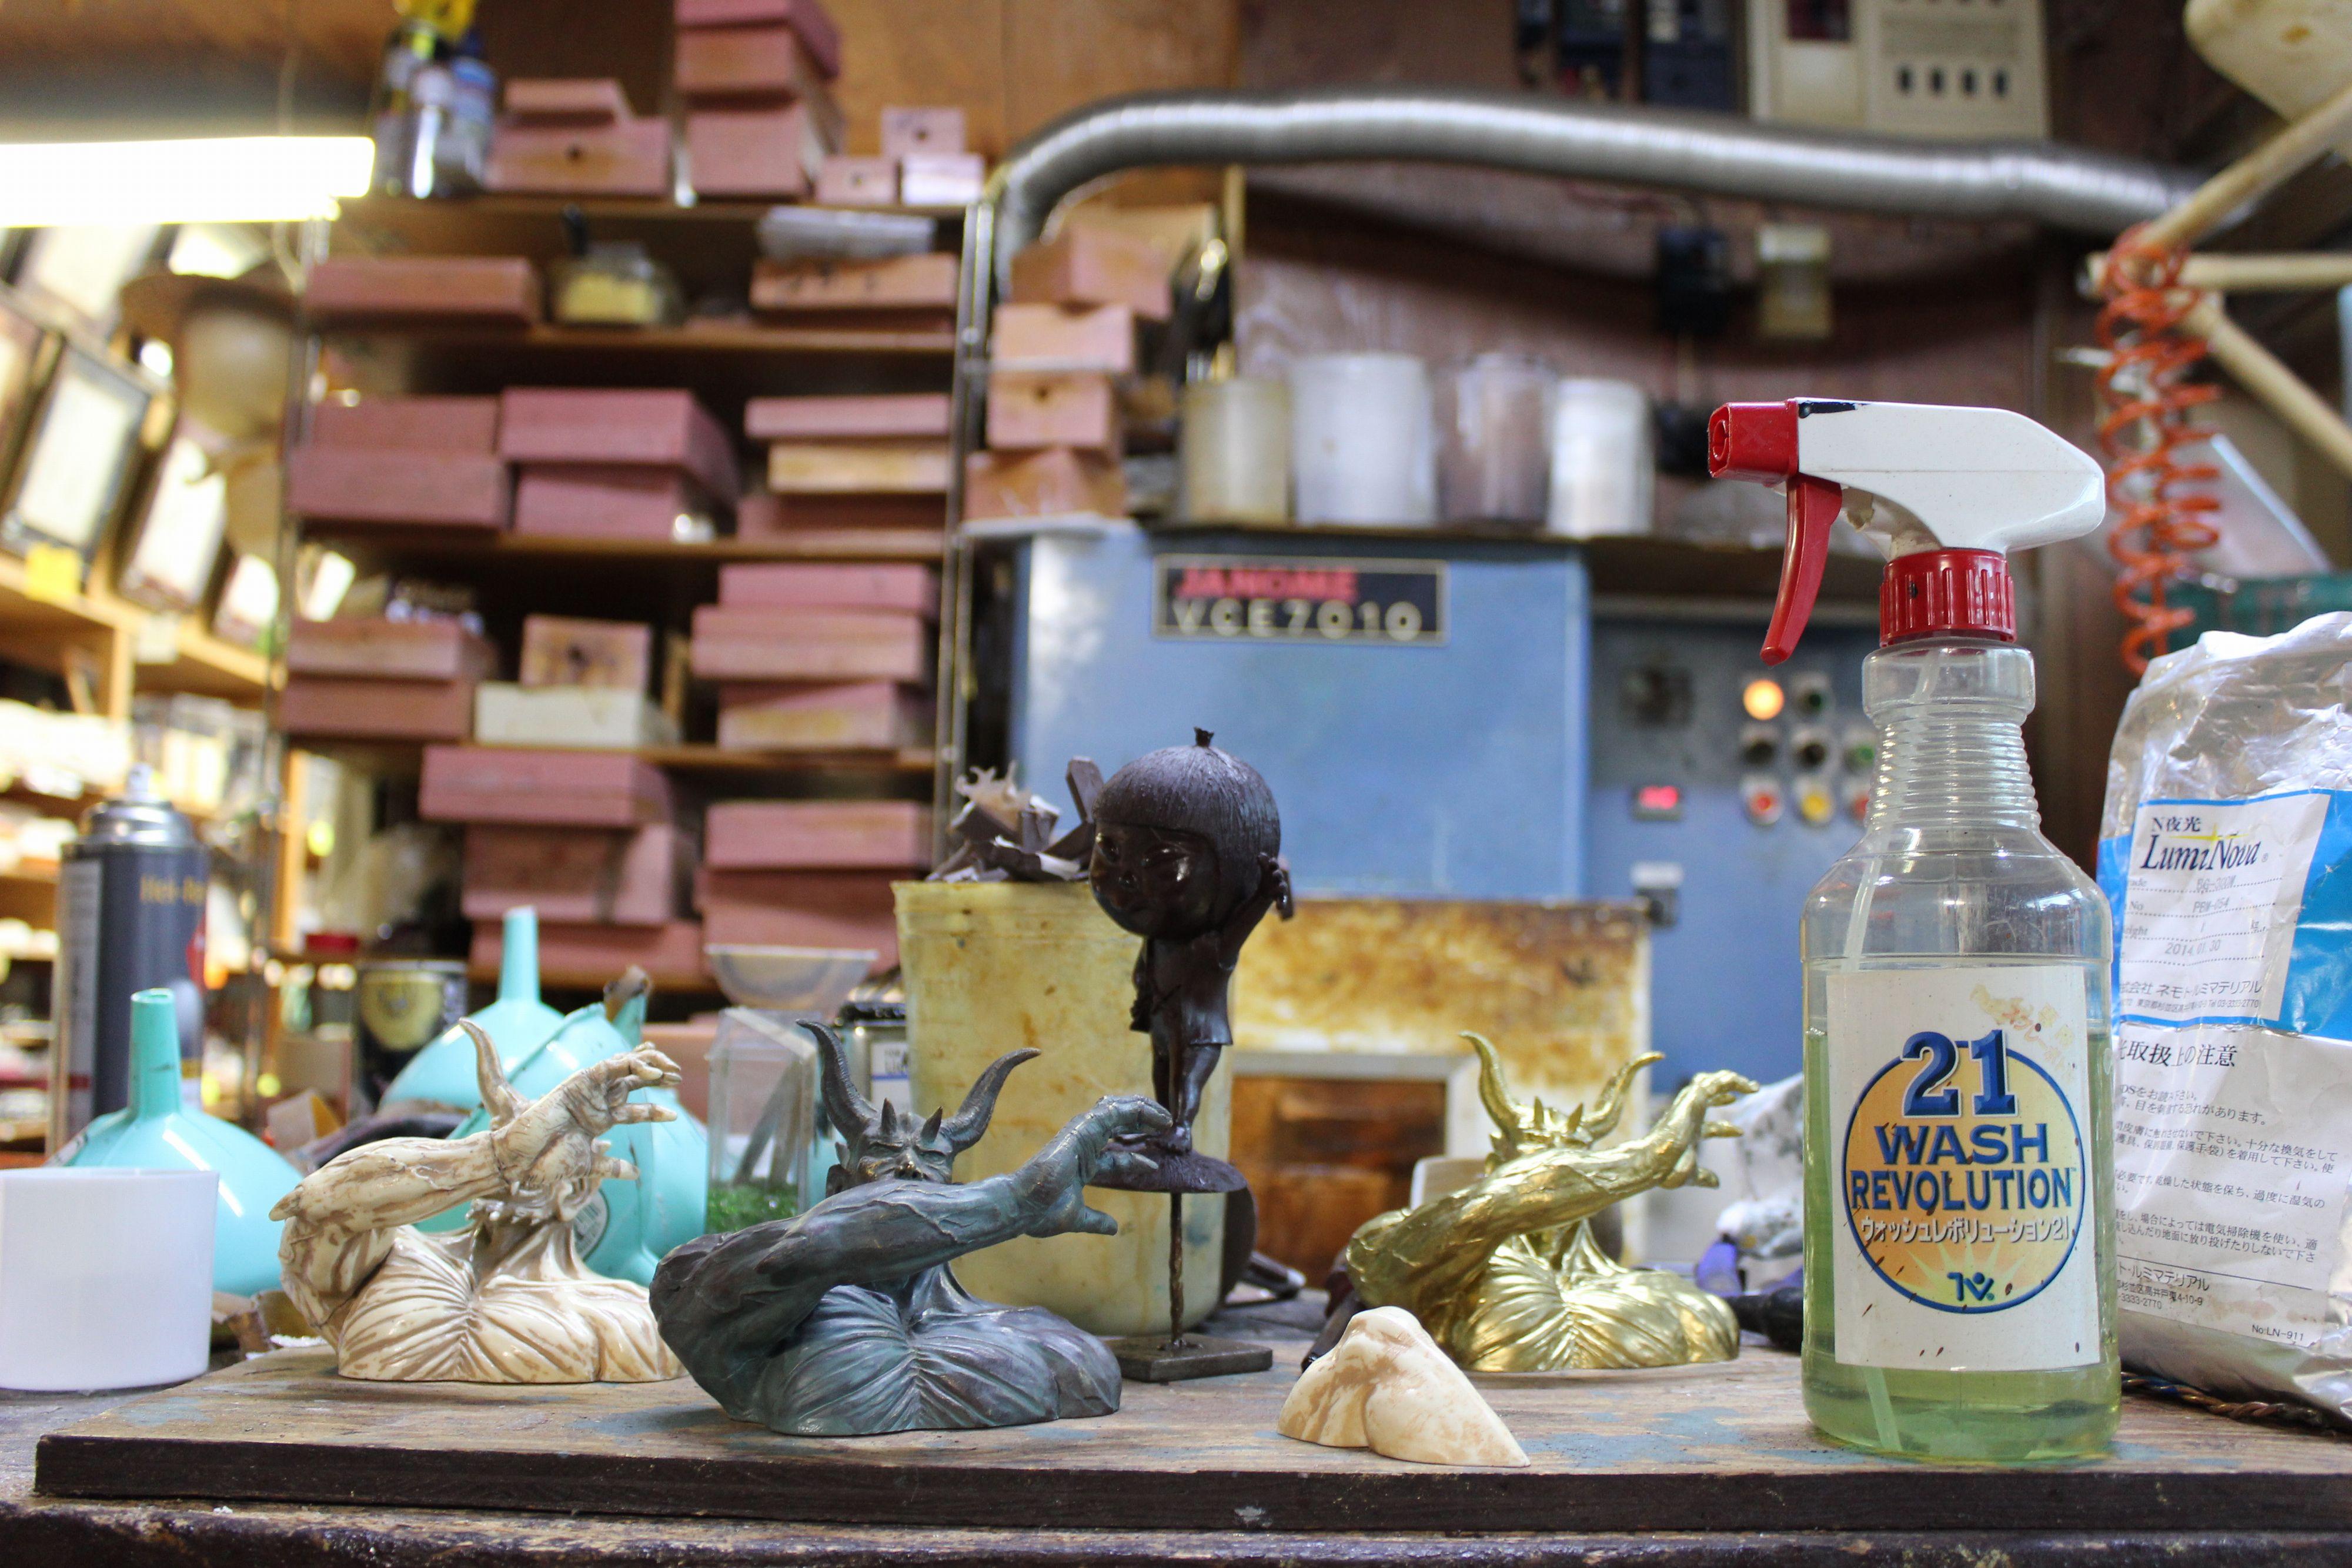 妖怪ショップゲゲゲ再訪~境港・水木しげるロードのお土産は手作りのオリジナルグッズで決まり!